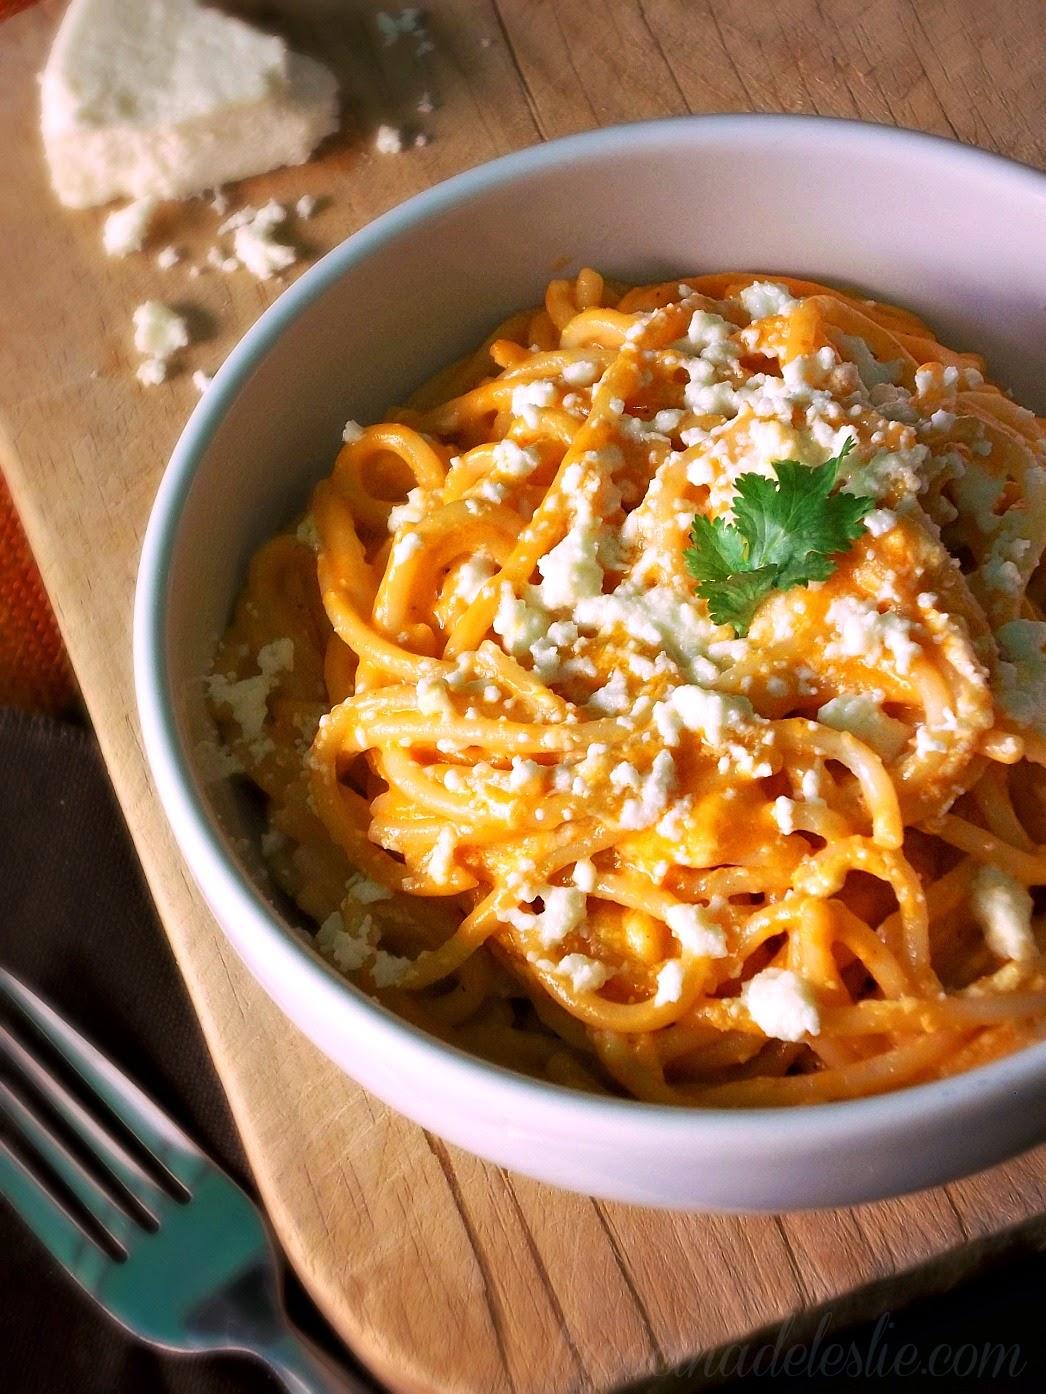 Sopa de Espagueti Fácil con Crema y Puré de Tomate - lacocinadeleslie.com